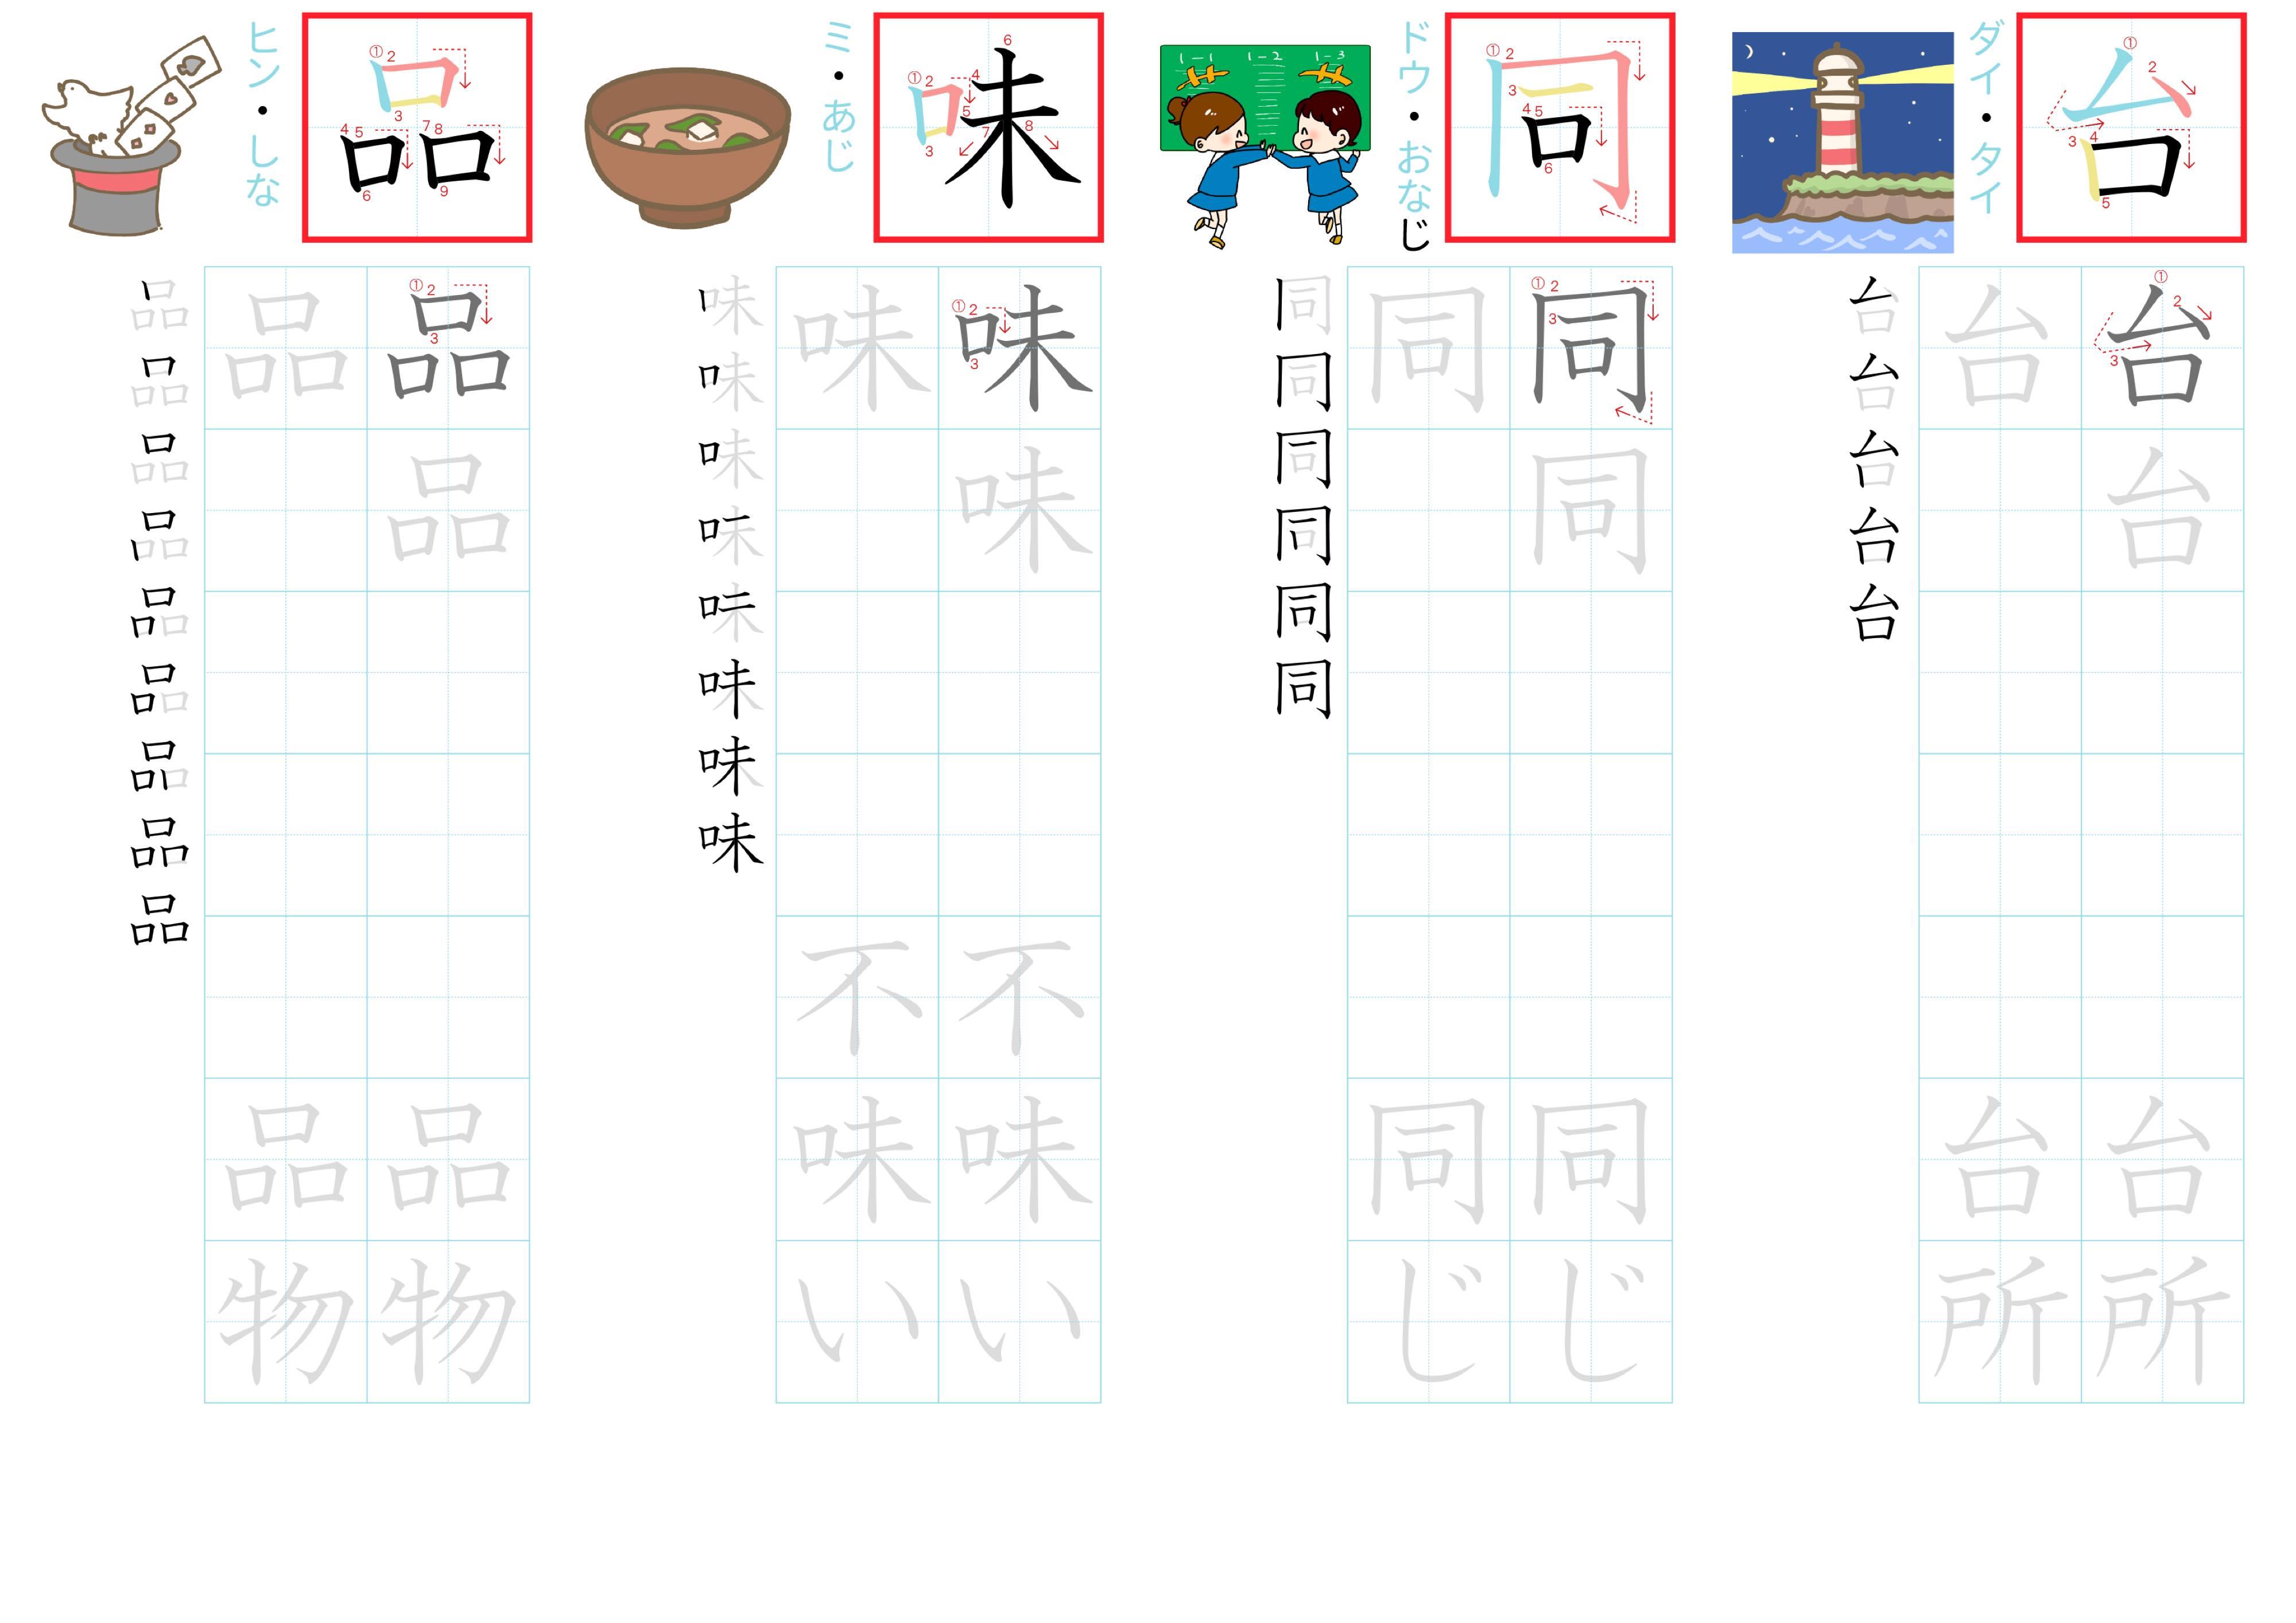 kanji-practice-card-n4-japanese-028